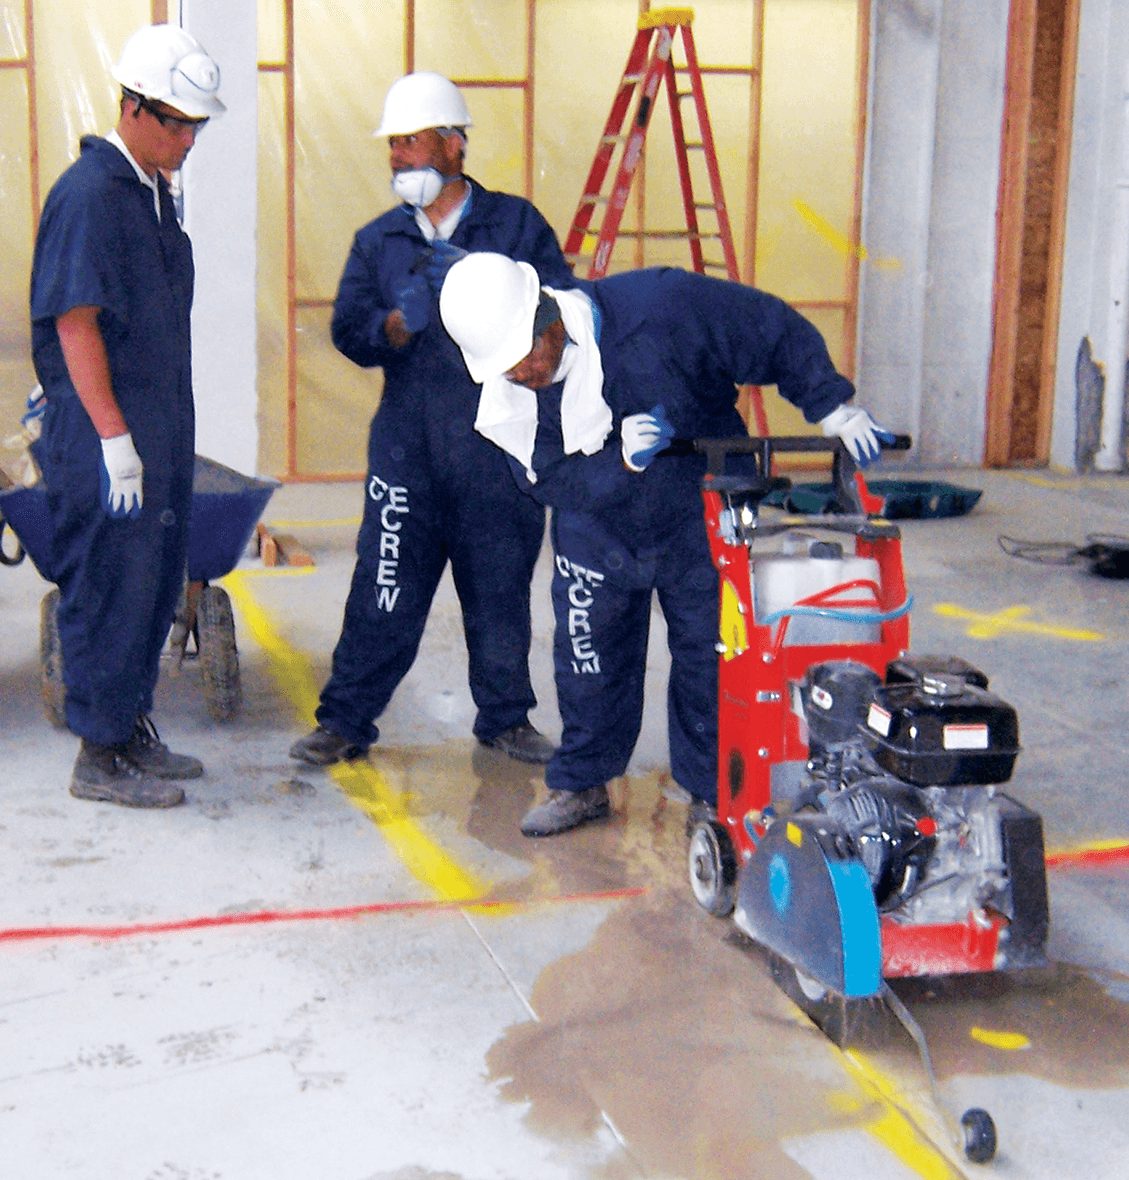 CTE laborers at work